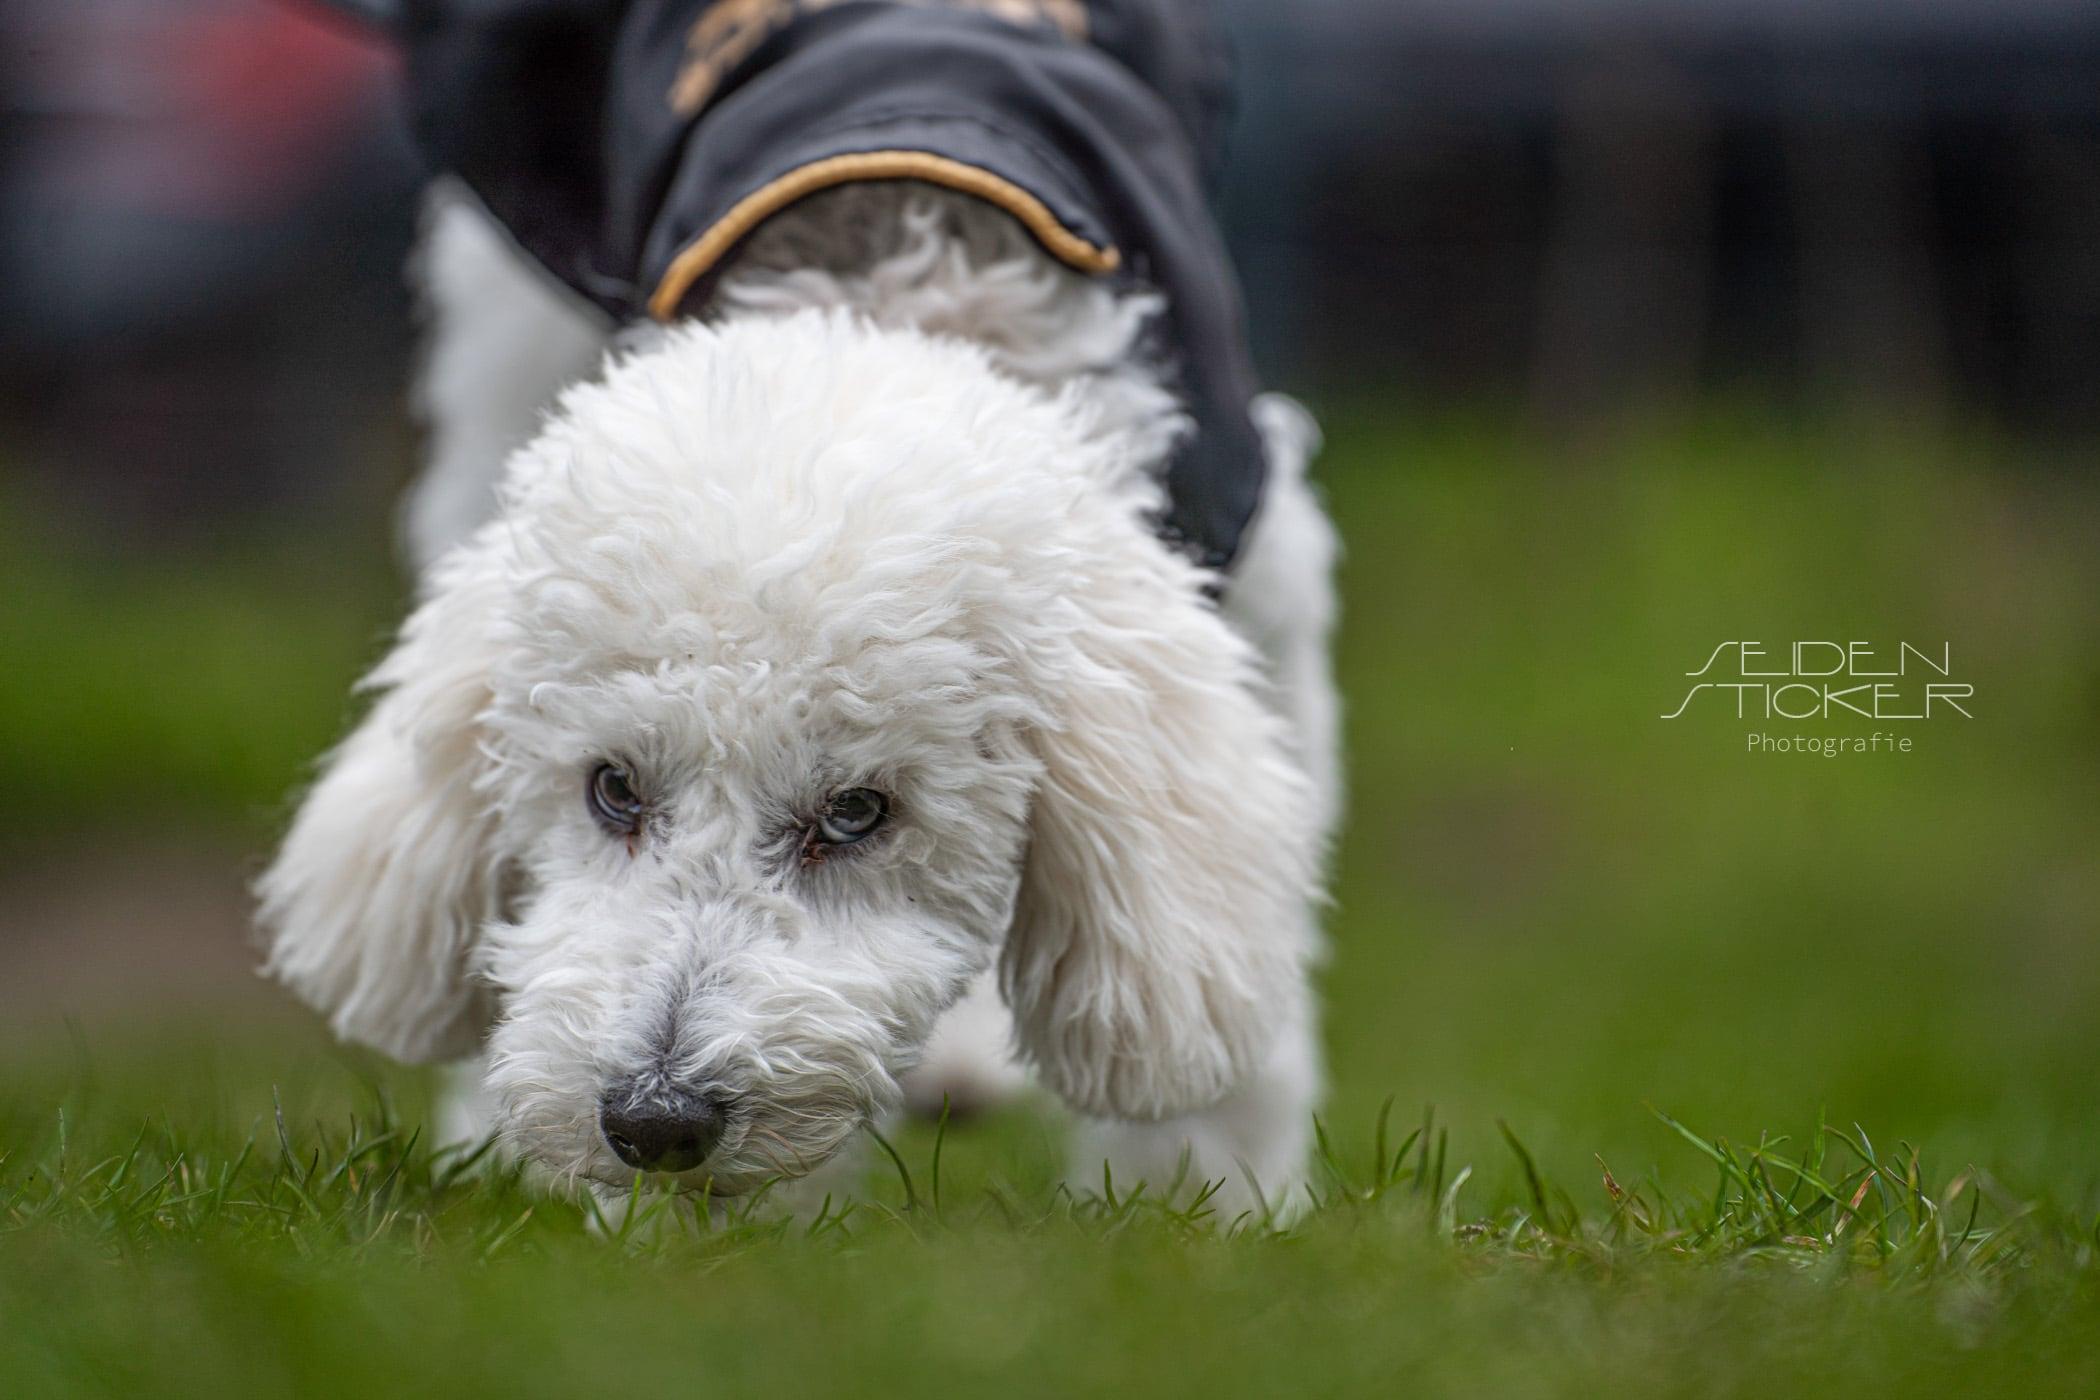 Hundeschule Dr. Sandra Bruns - Anett Seidensticker Fotografie